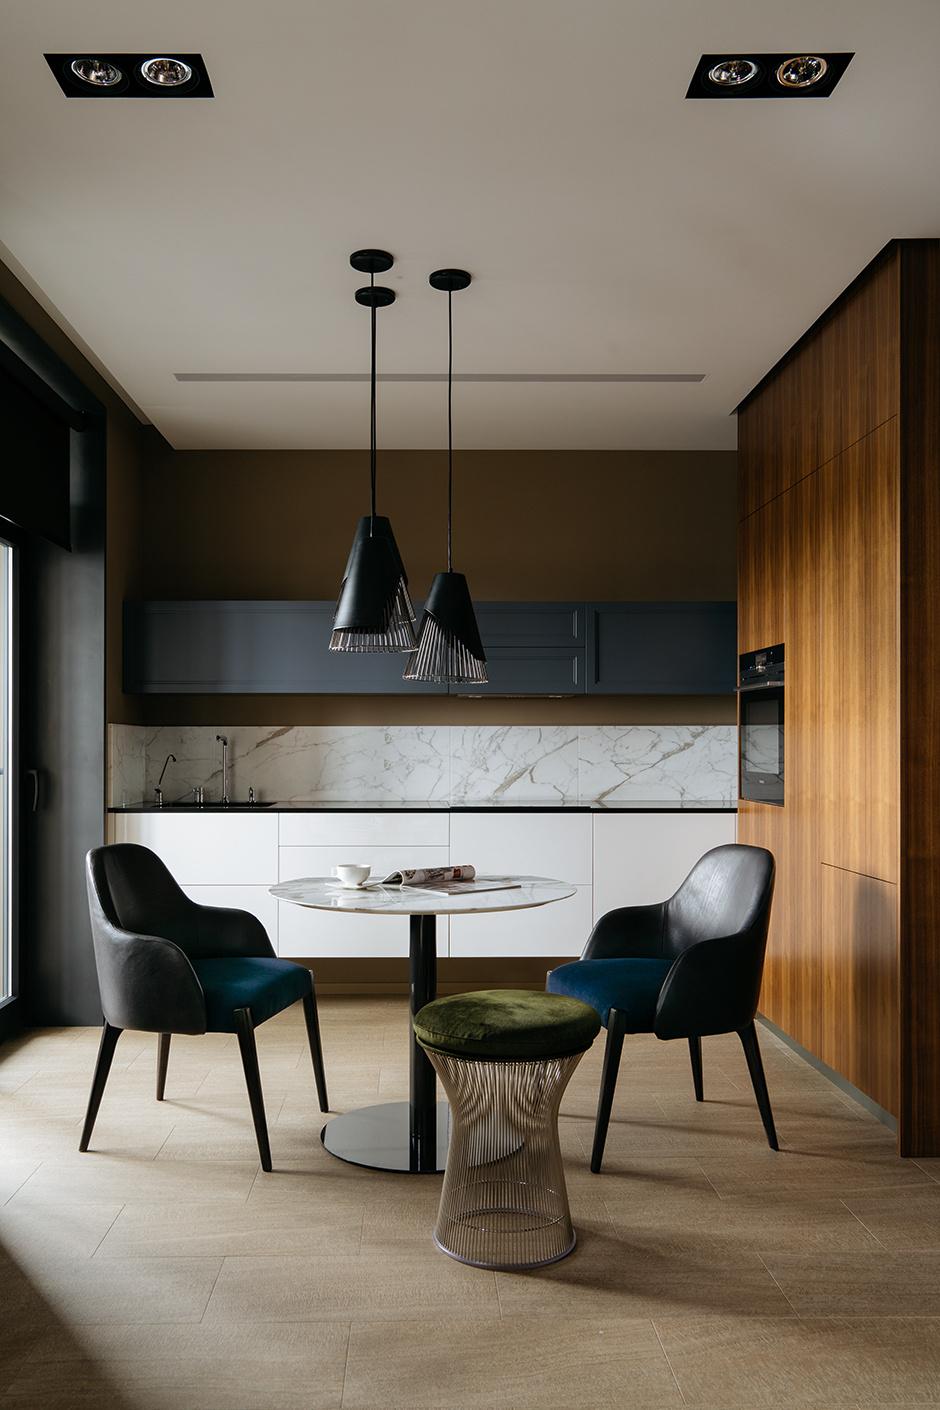 дизайн маленькой квартиры дизайн маленькой квартиры Дизайн маленькой квартиры  1 544749785e7b1811f4e7caea928bfadd  0xc0a839a4 15365115561485937624